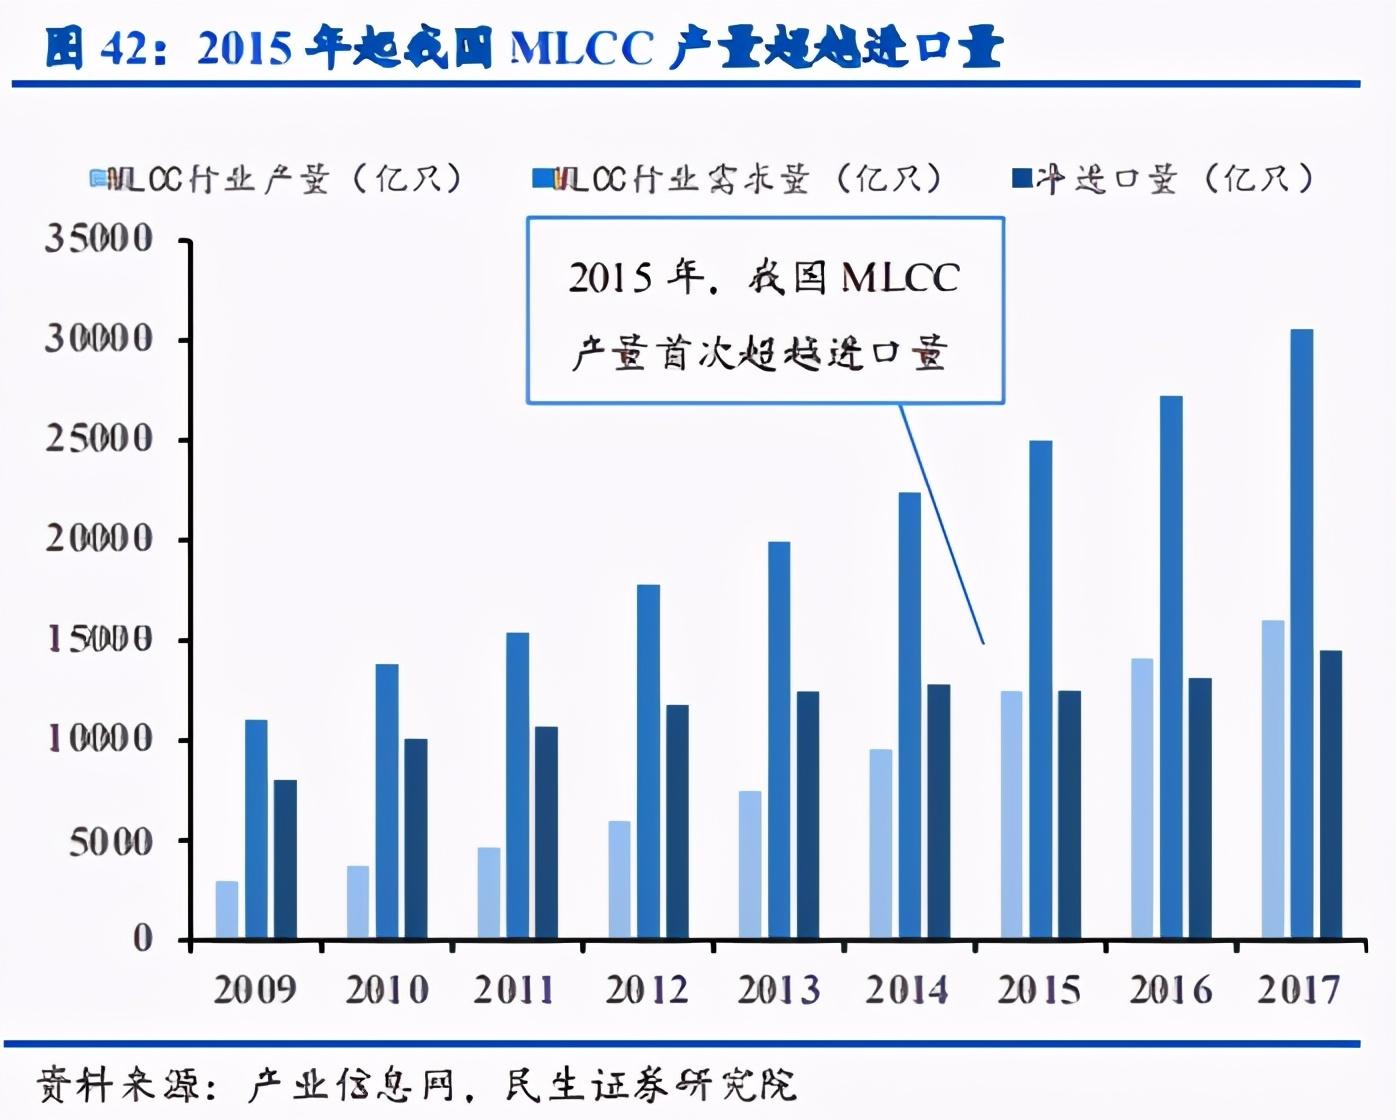 军工产业深度报告:军机+军工电子+碳纤维景气度持续向上